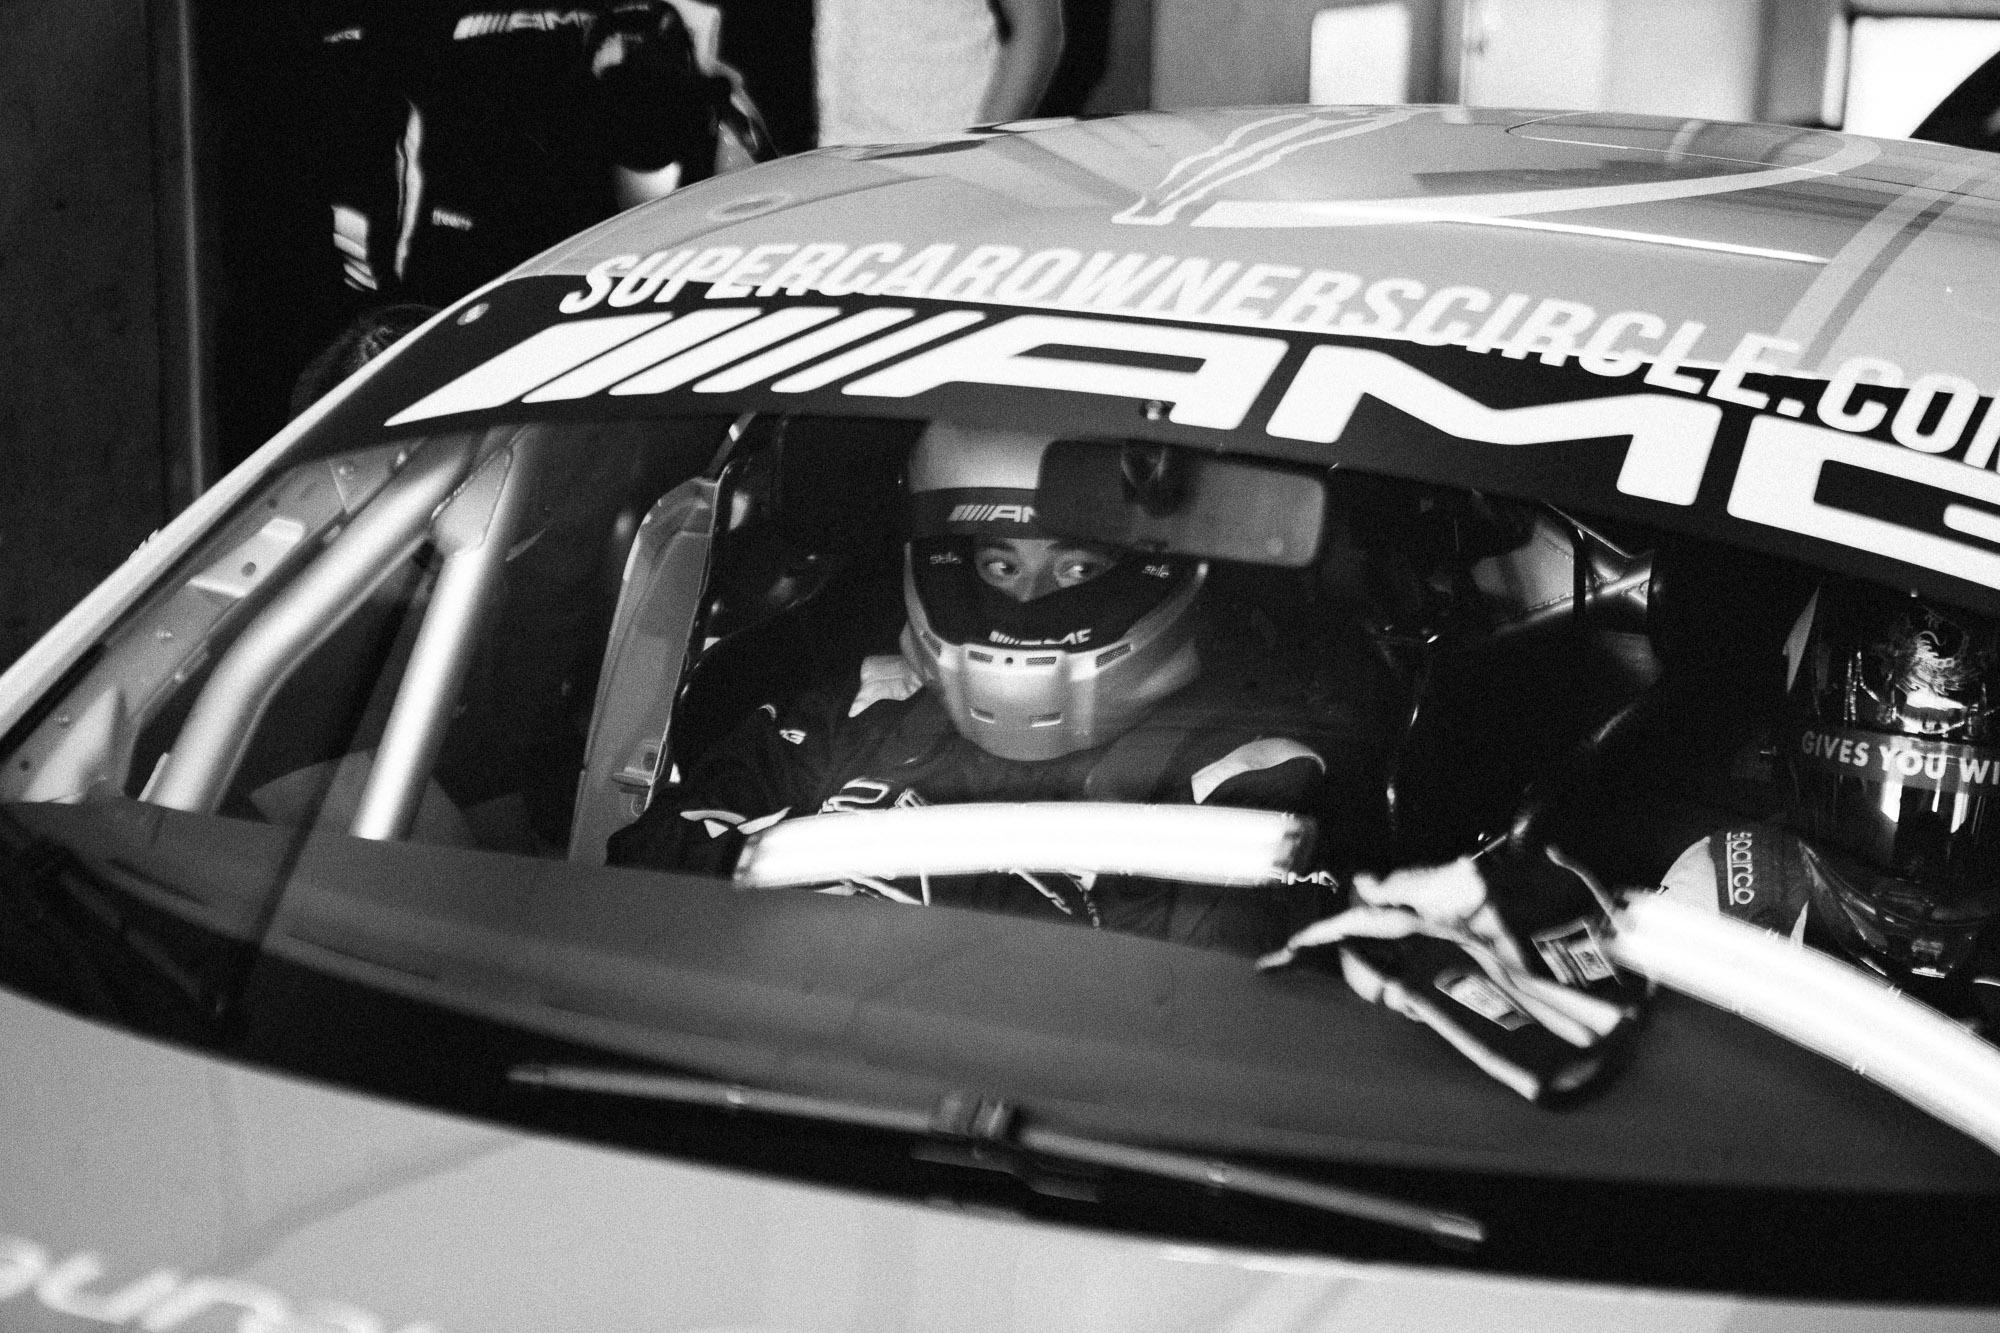 Gamma-Racing-Days-@maximkuijper (9 van 29).jpg